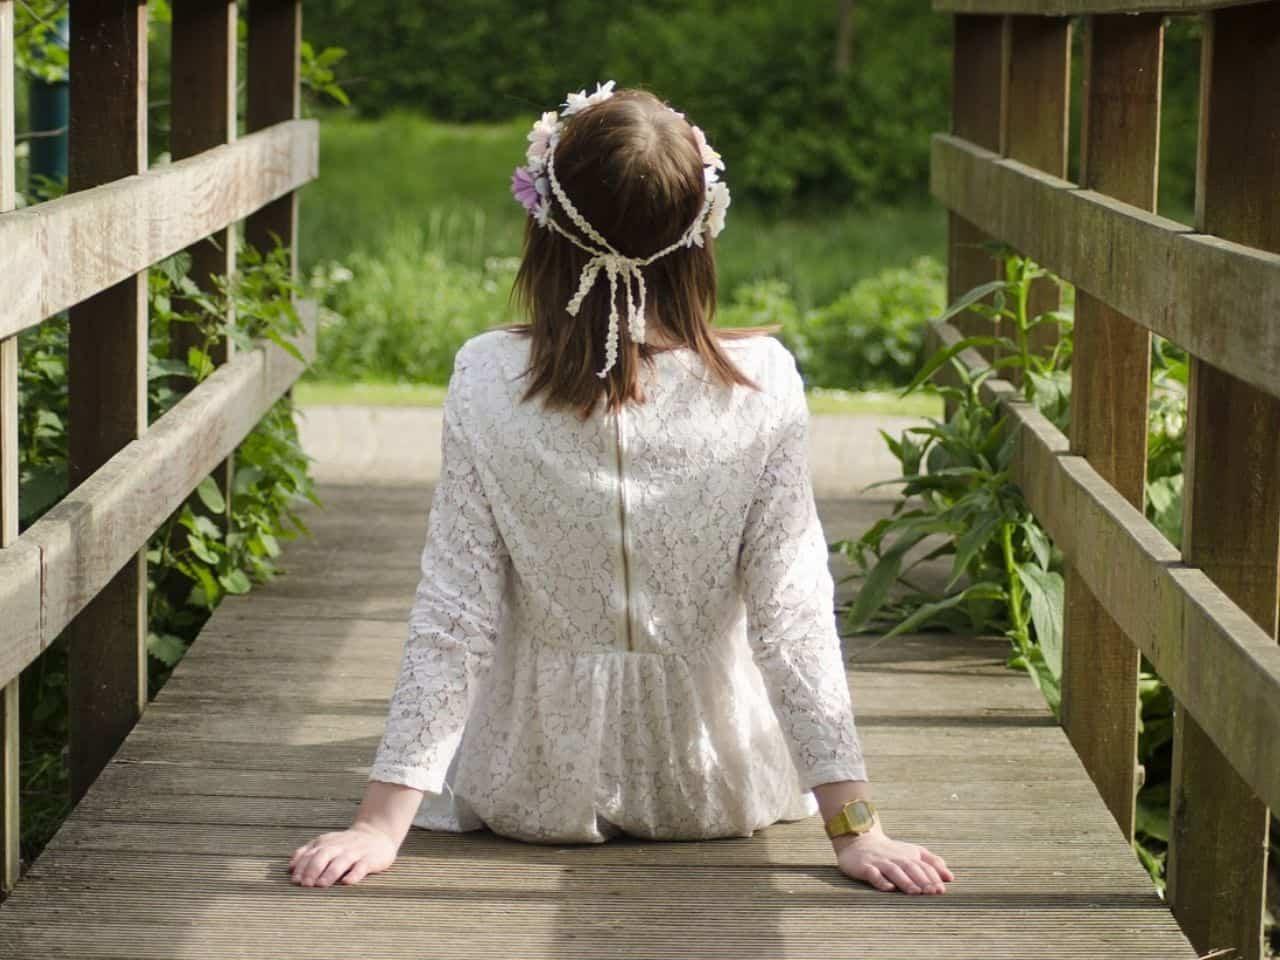 橋の上に座っている少女の後ろ姿